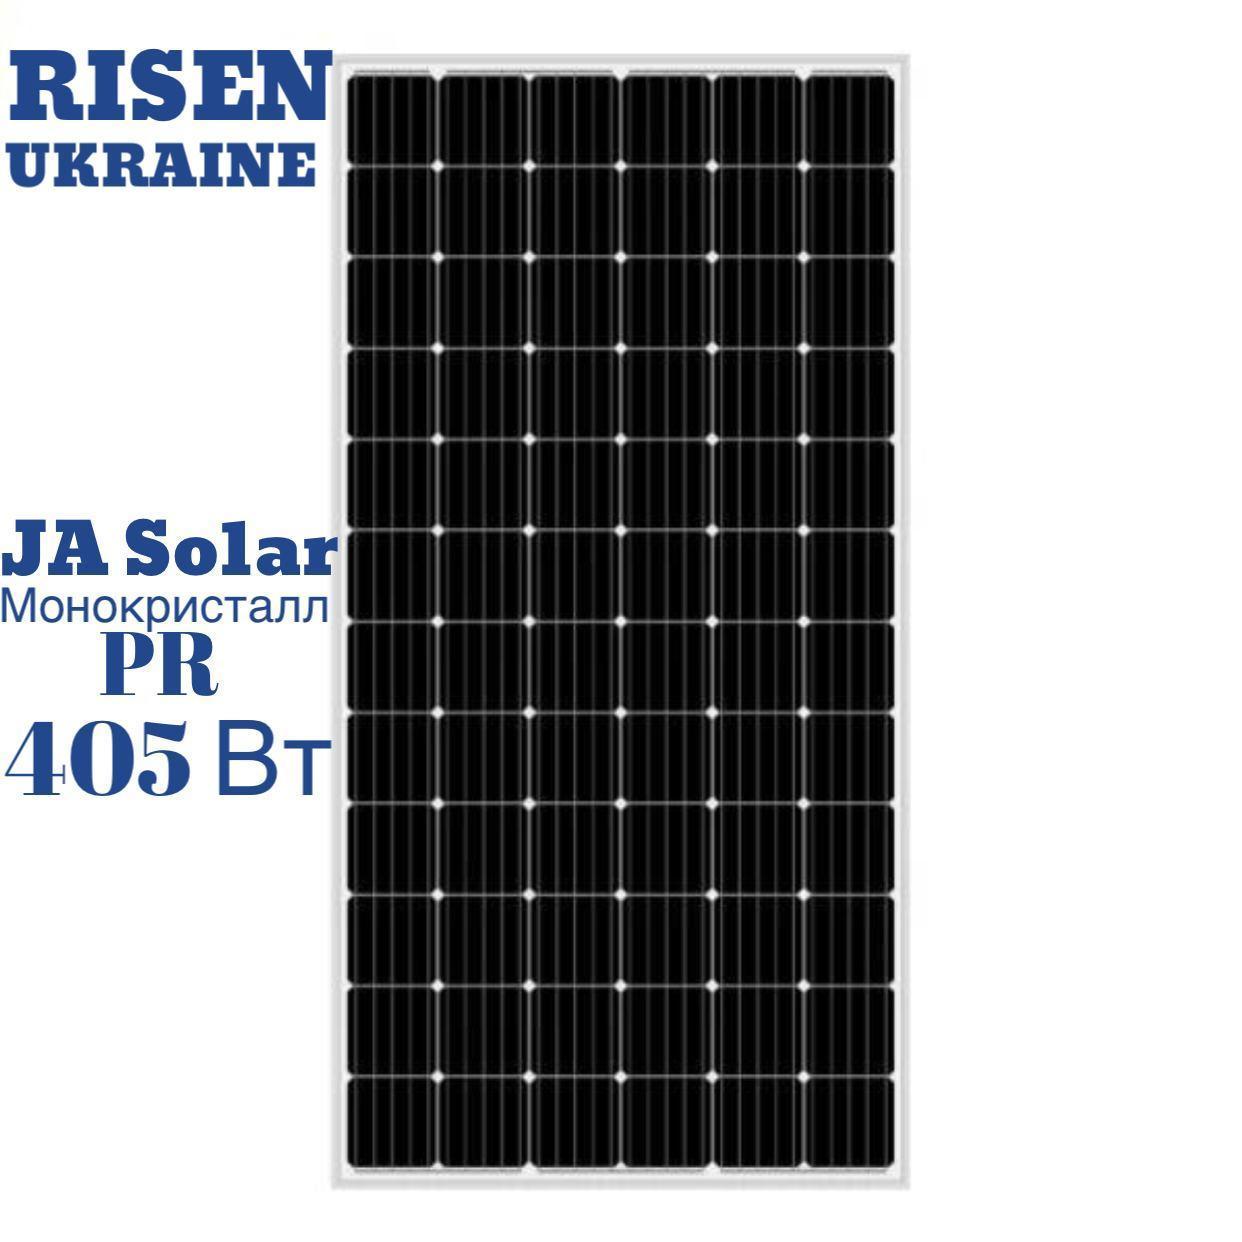 JA Solar 405 вт солнечная панель JAM72S10-405/PR, солнечная батарея на 405 W монокристал